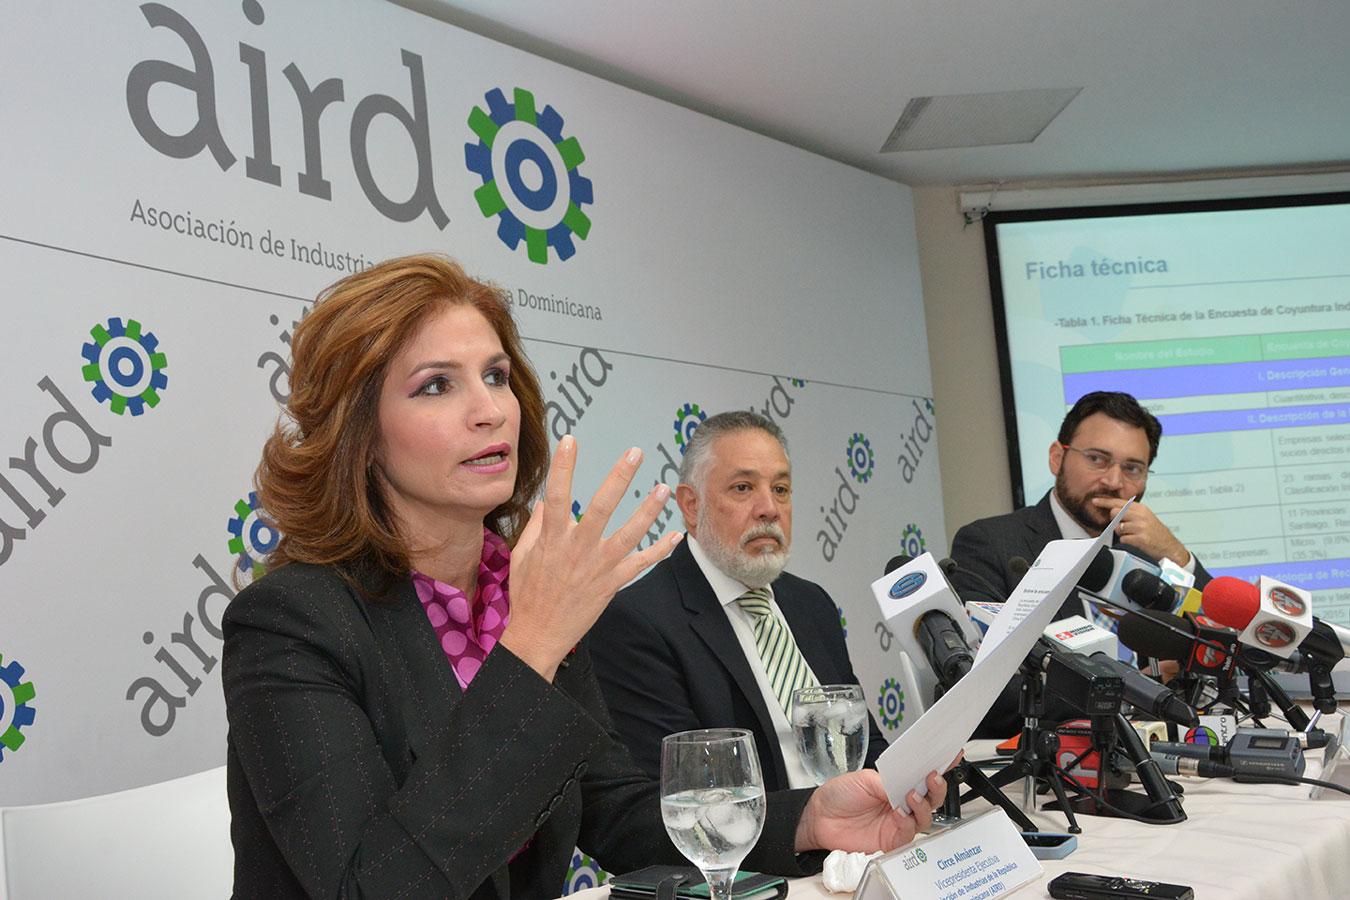 La encuesta de coyuntura industrial es una iniciativa de la Asociación de Industrias de la República Dominicana (AIRD) que ha sido puesta en práctica desde finales del año 2011. | Gabriel Alcántara